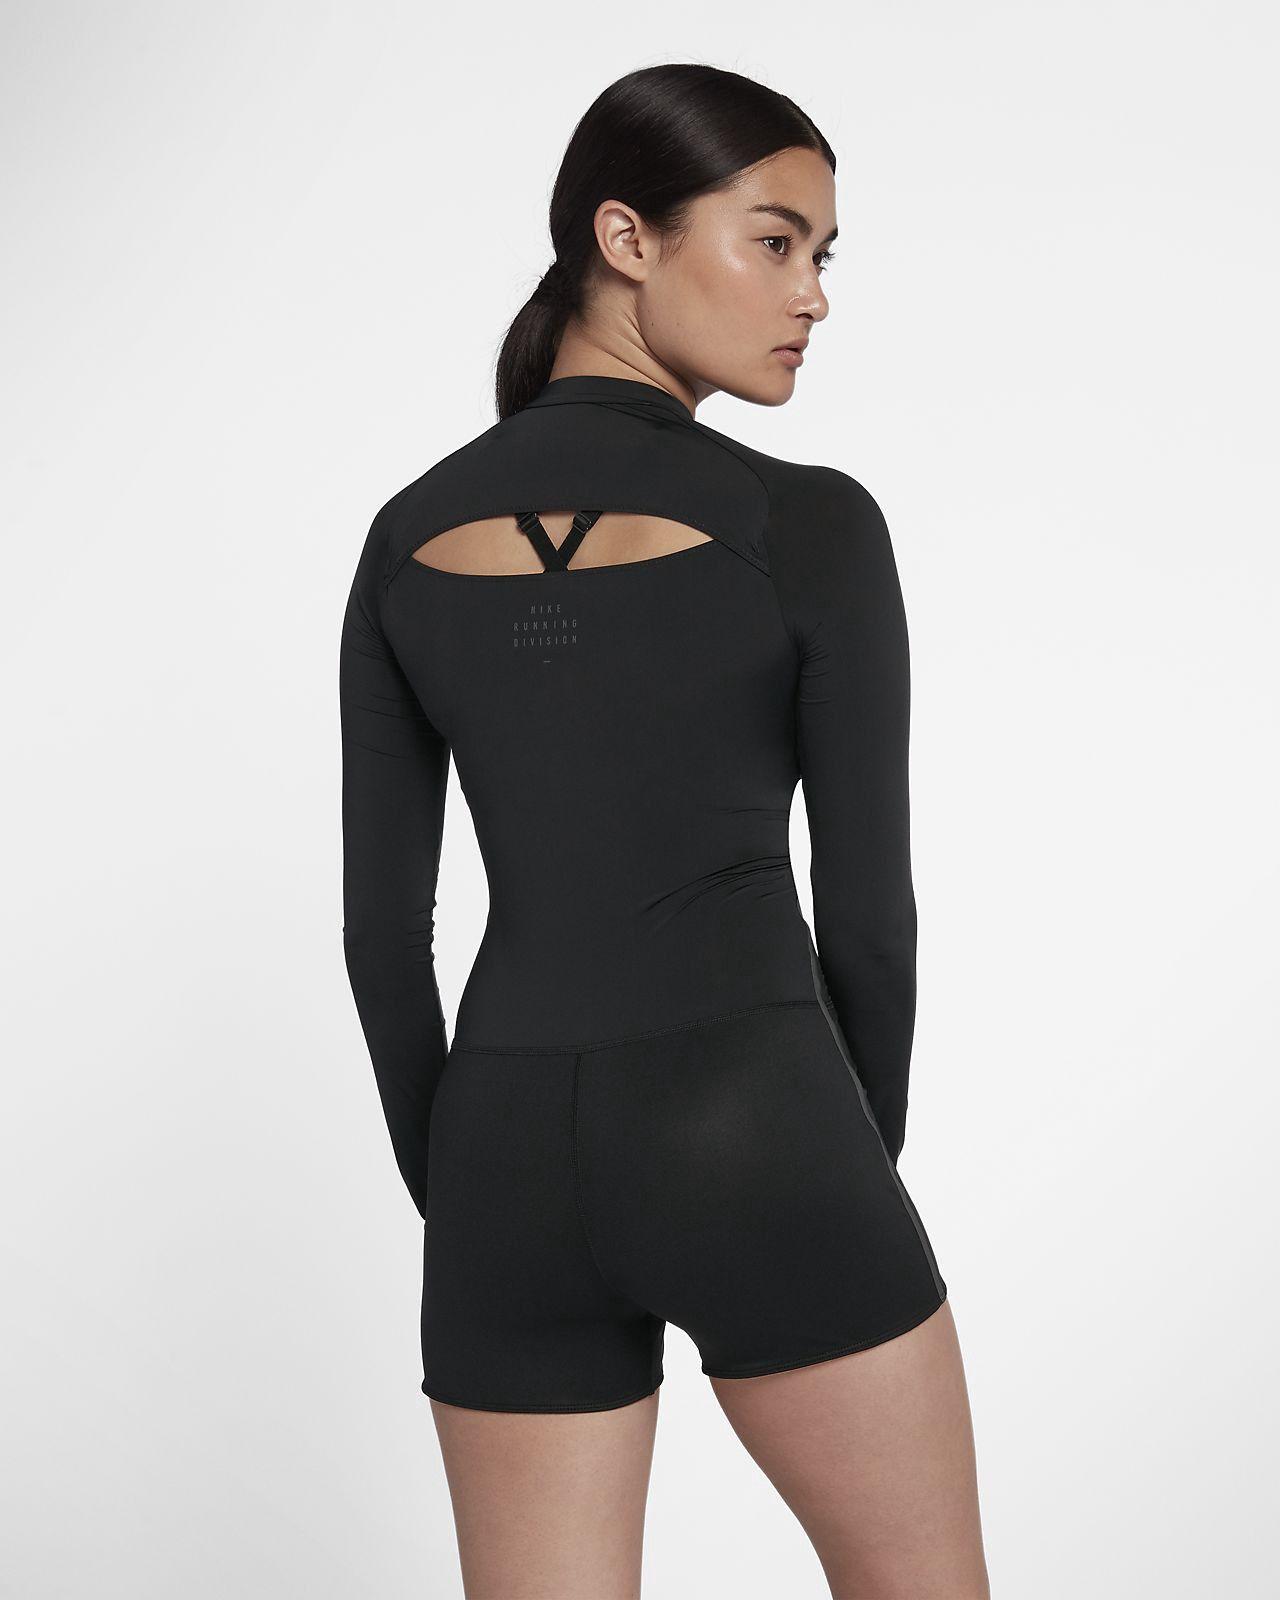 489c183534 Nike run division women running bodysuit nike products jpg 1280x1600 Uva womens  bodysuit